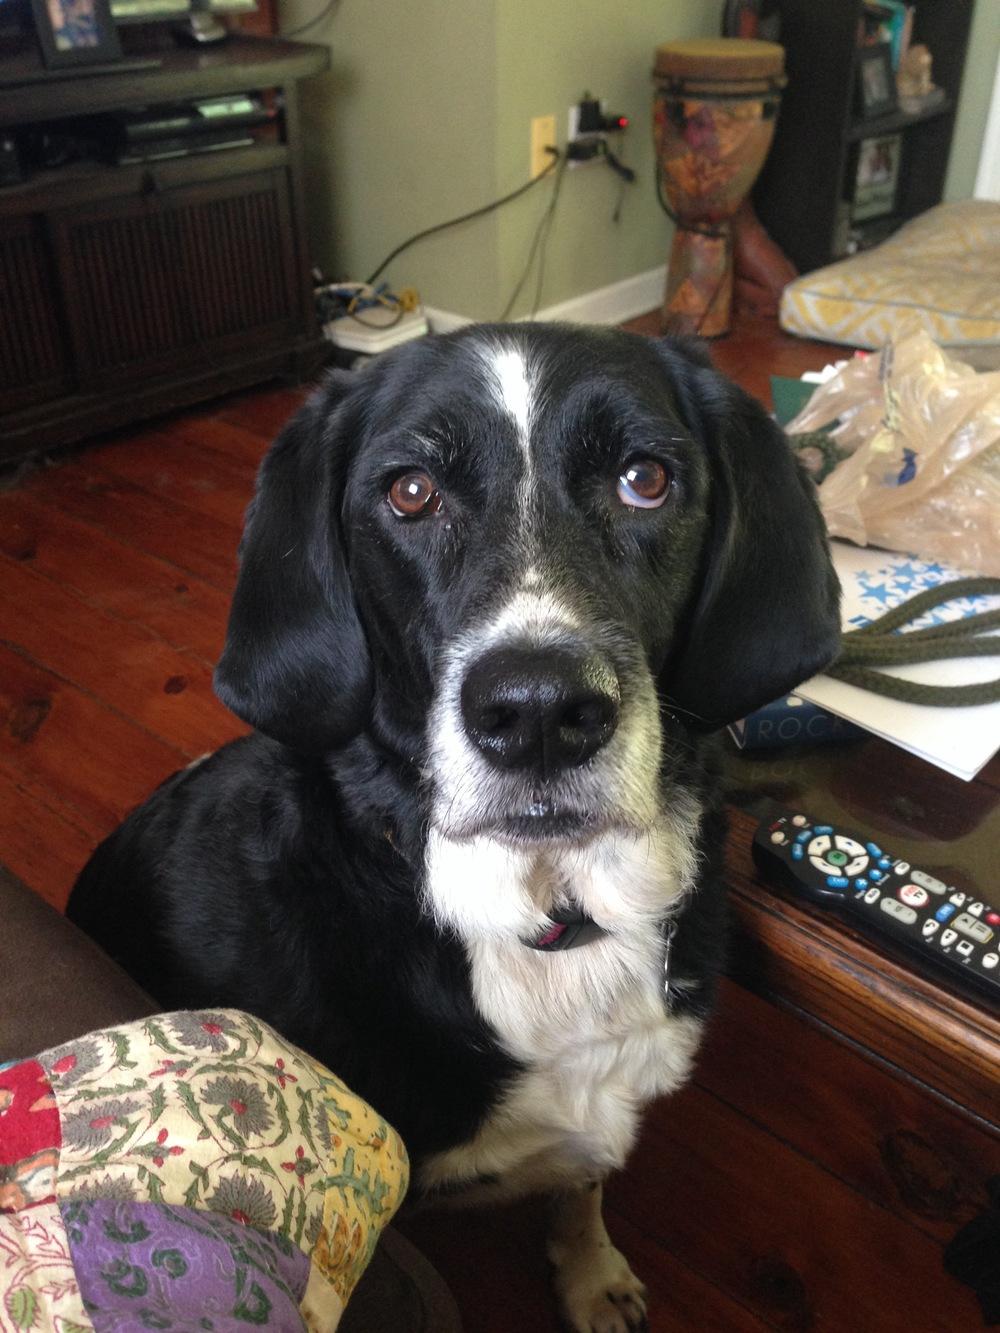 Our dog Kaelan.